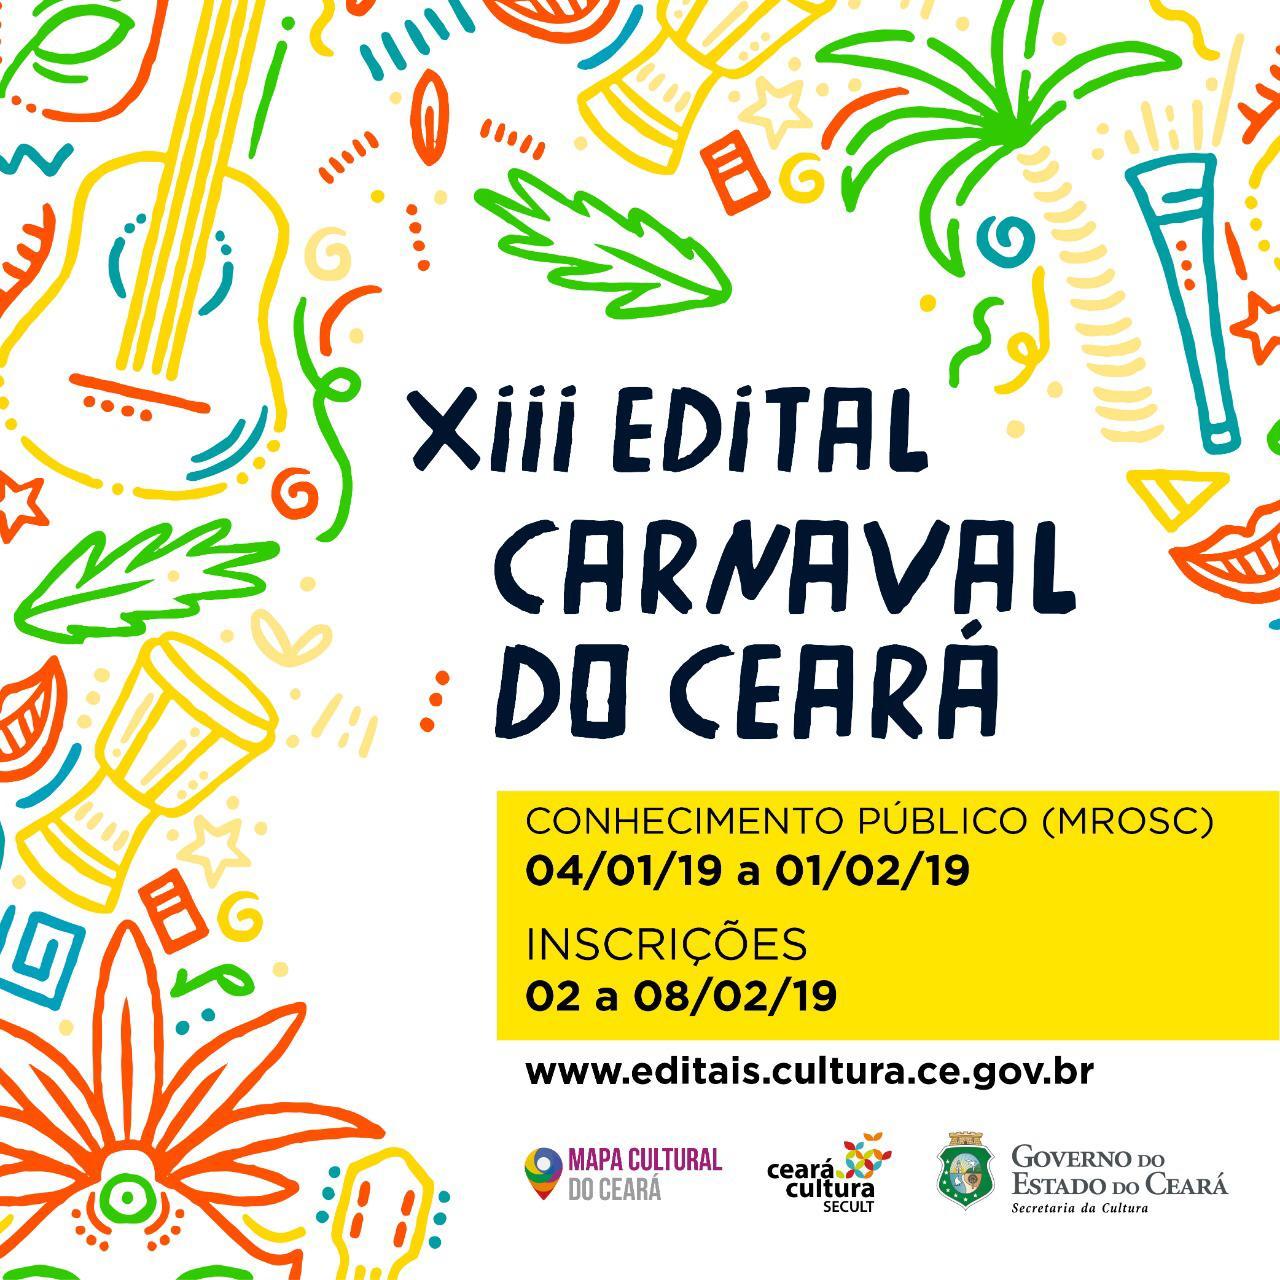 XIII Edital Carnaval do Ceará: Inscrição e Seleção Pública